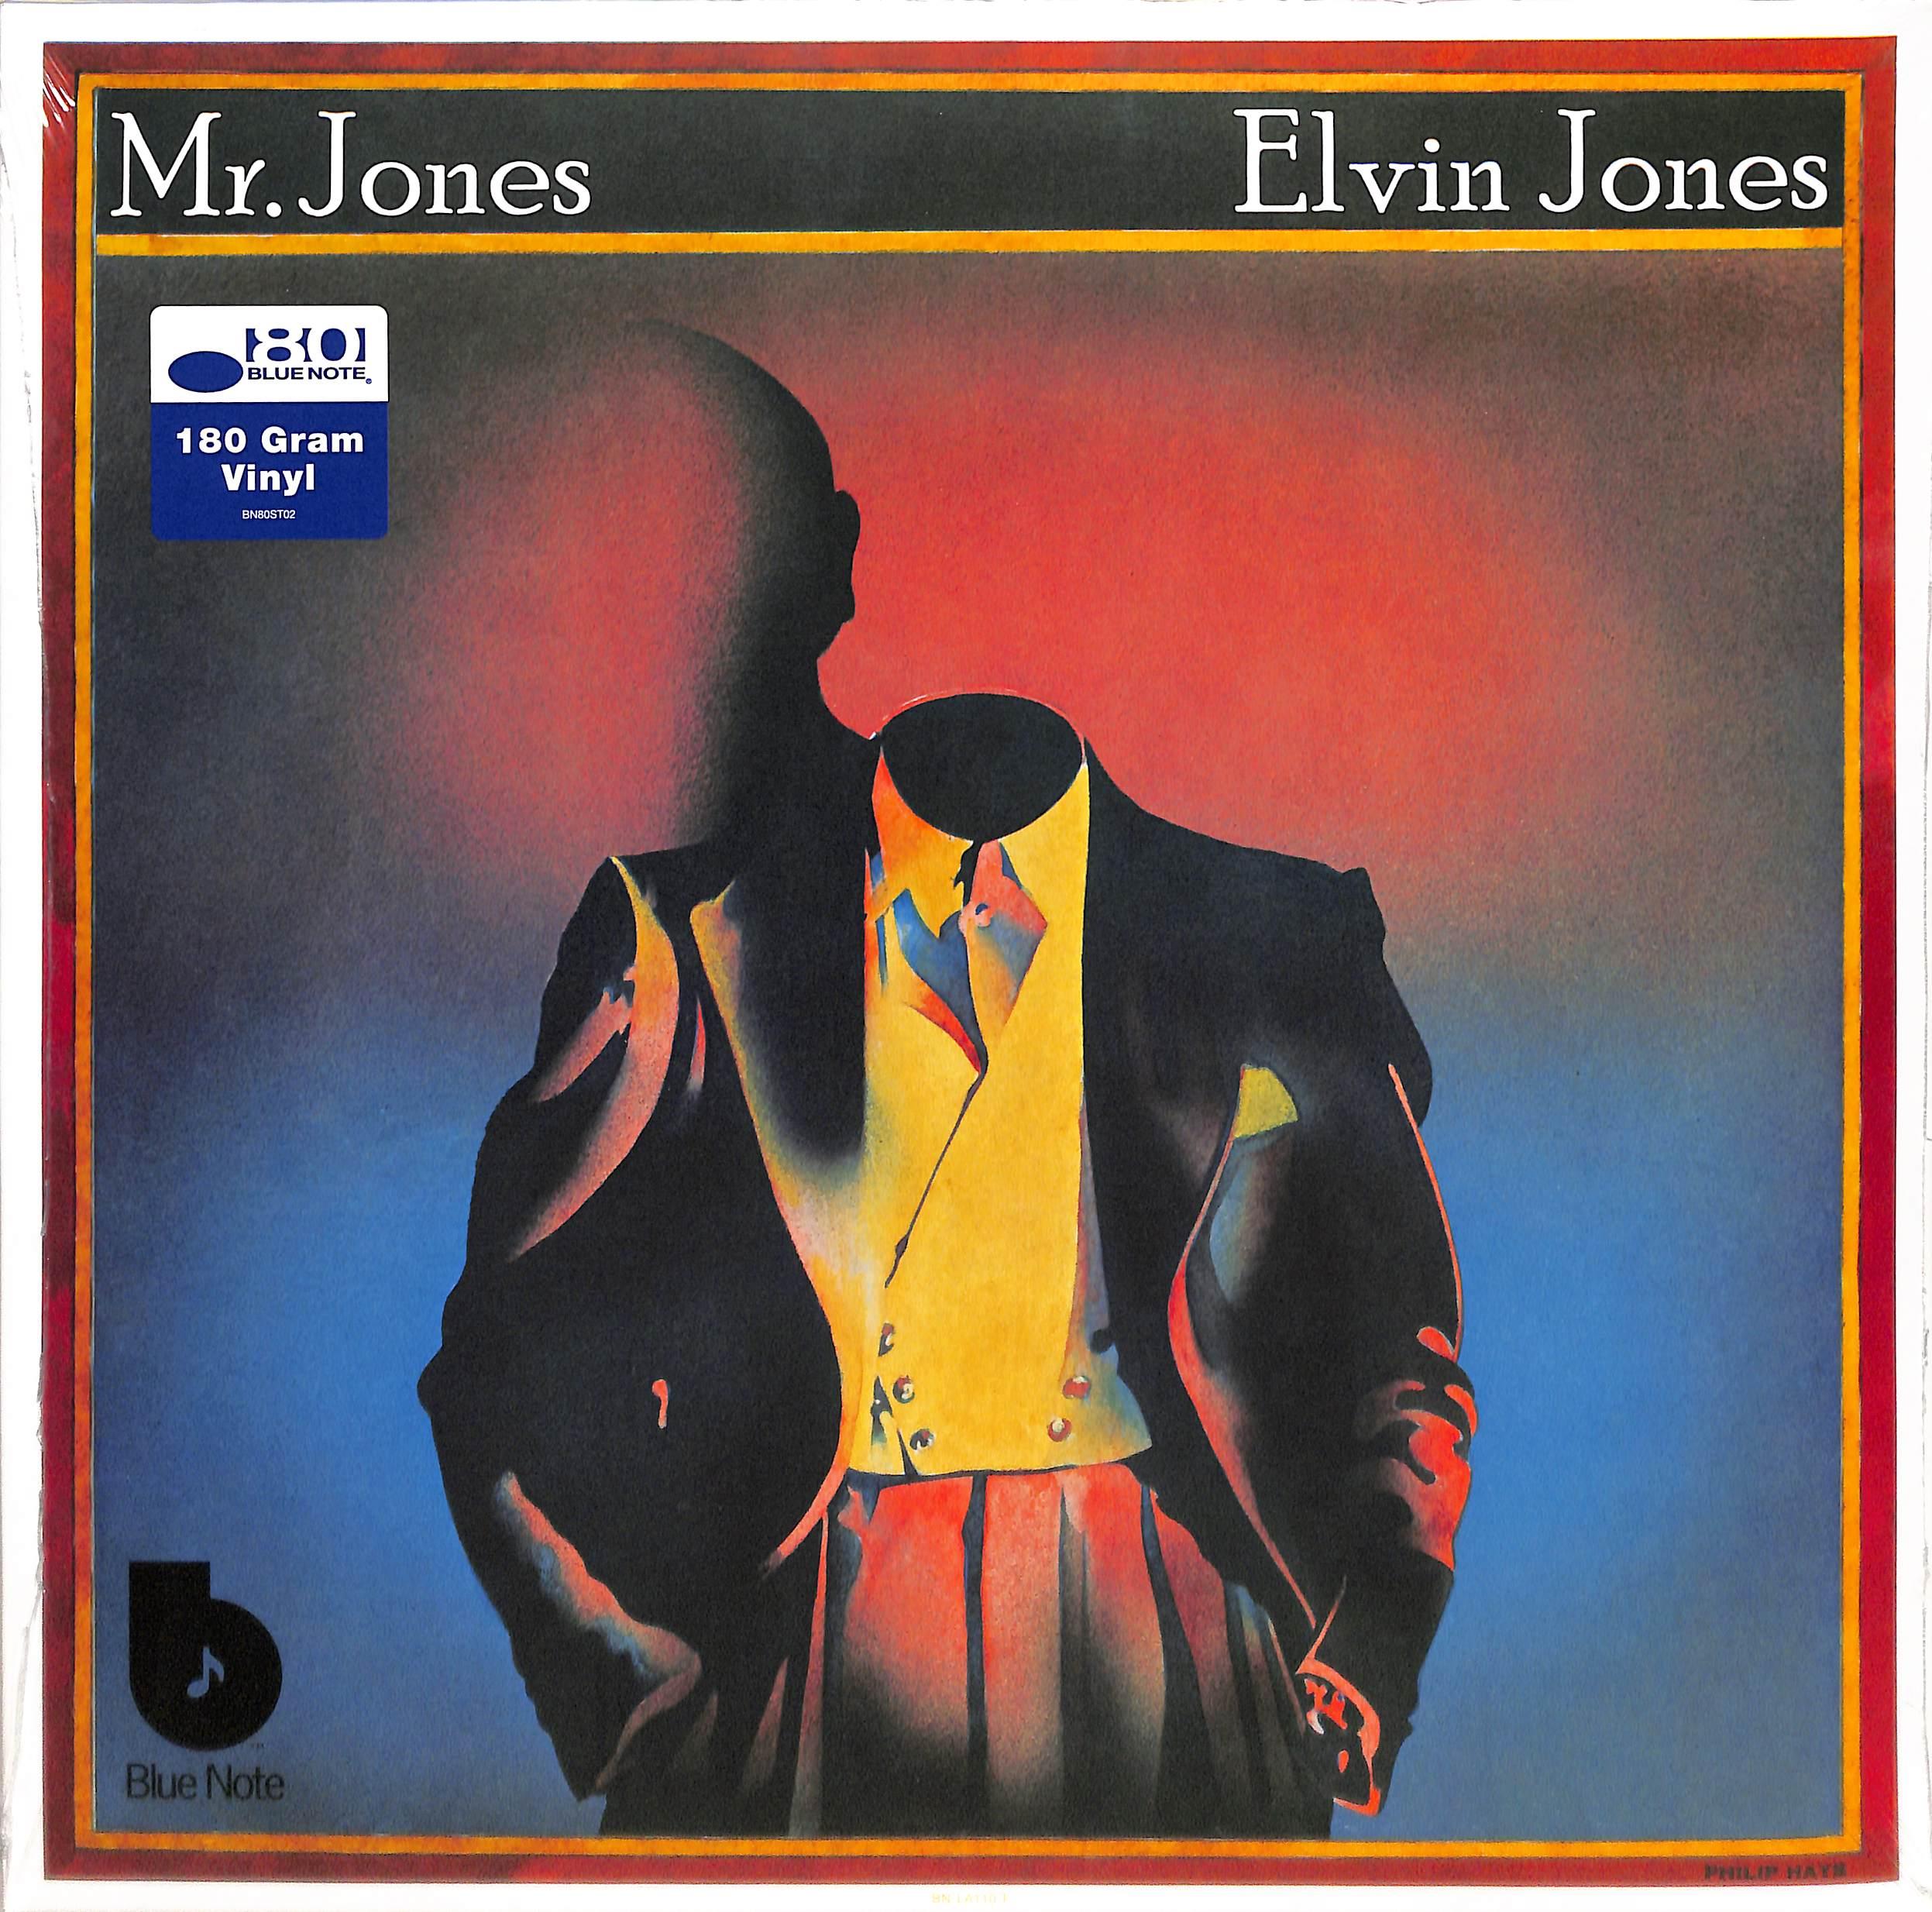 Elvin Jones - MR. JONES